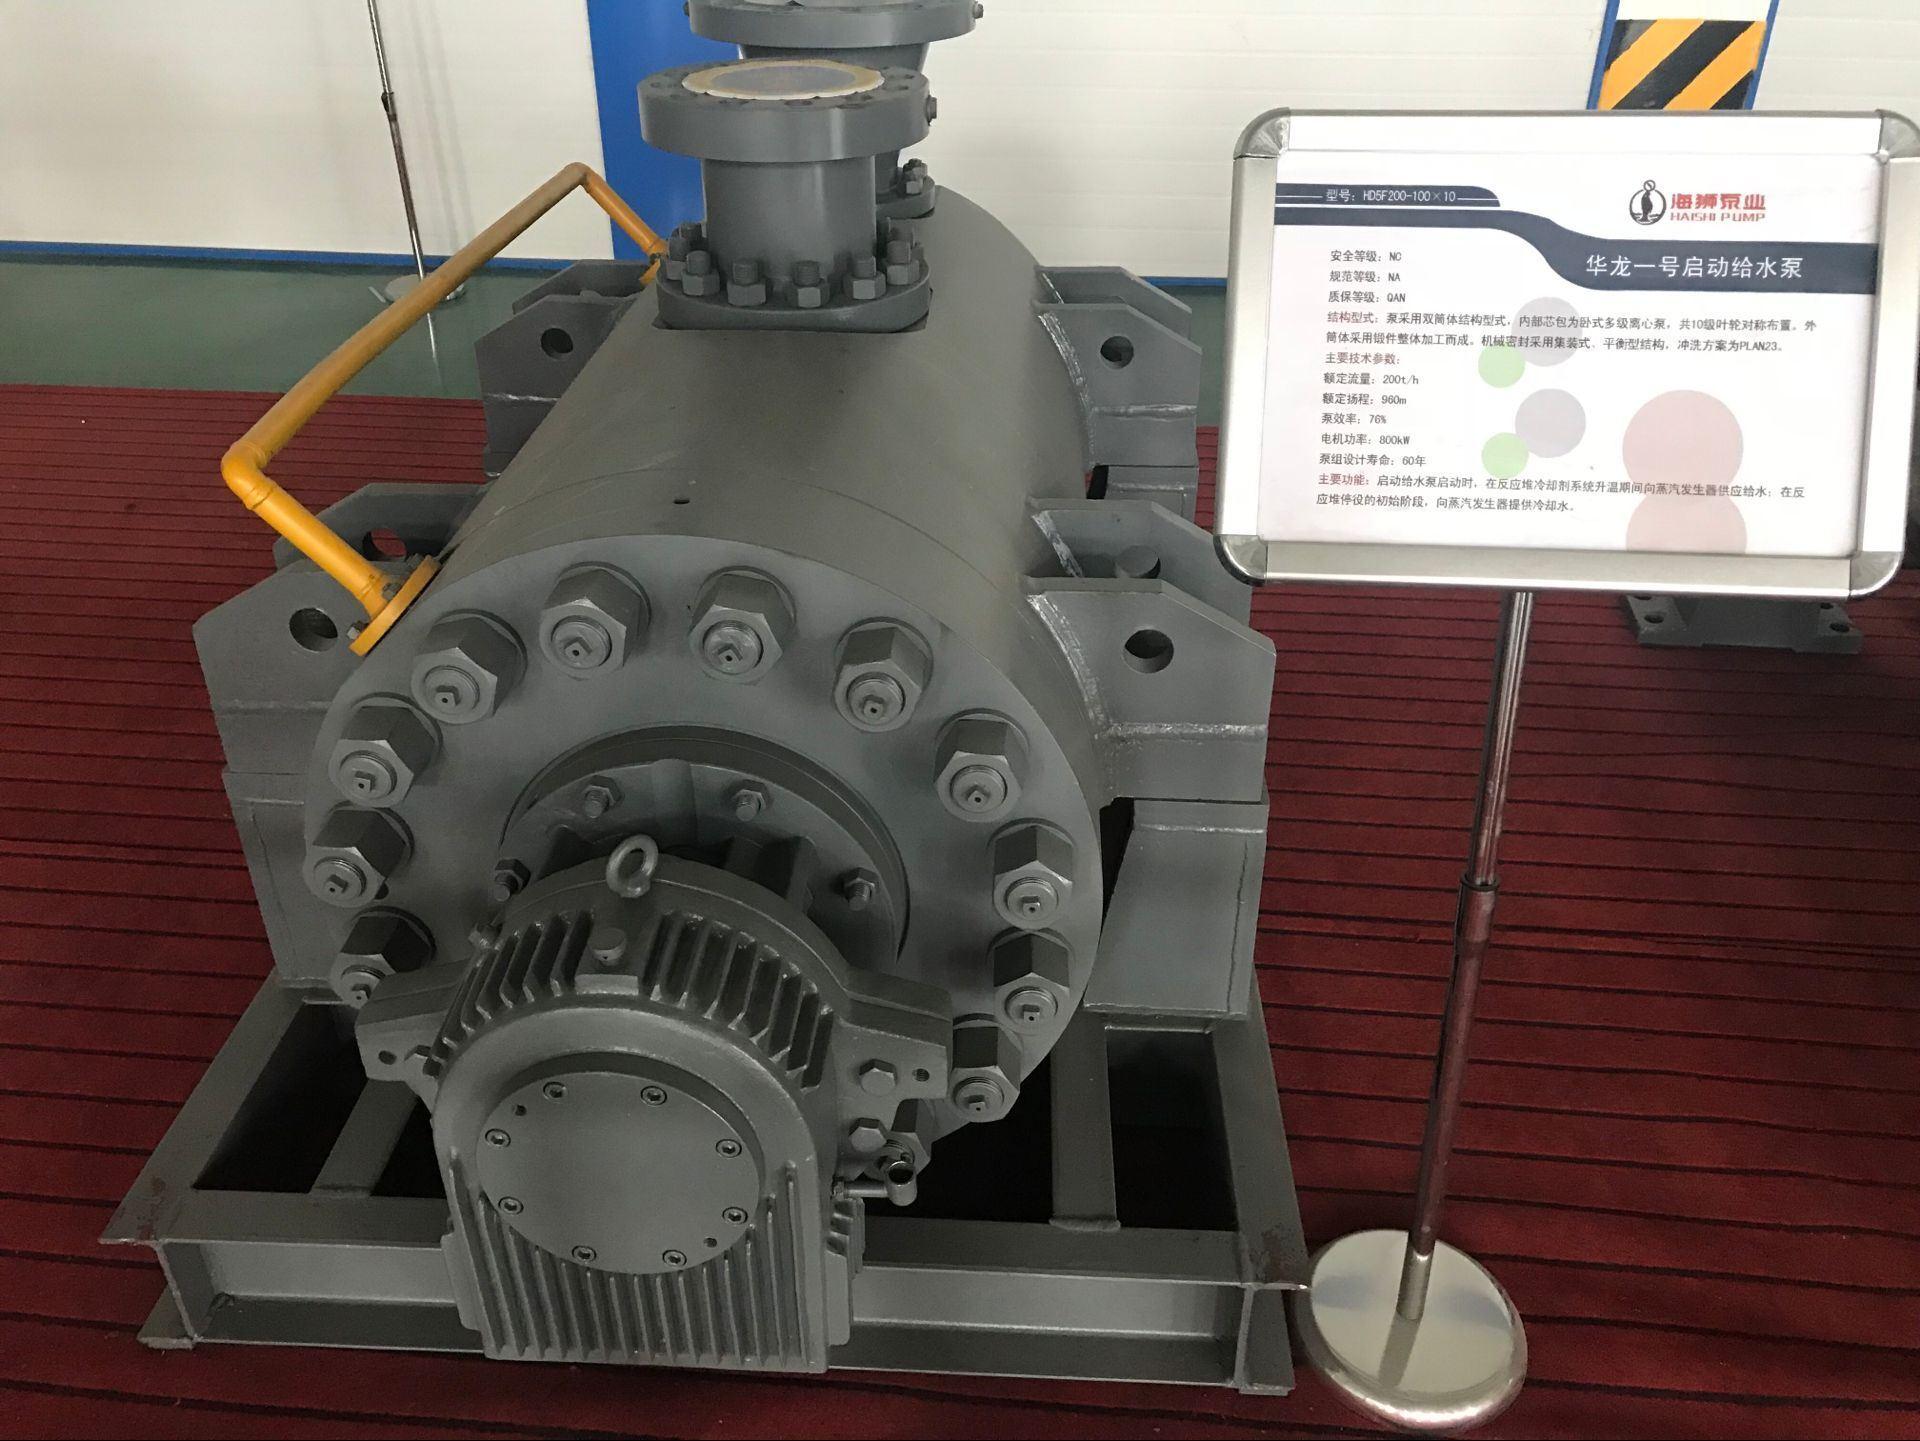 La DG Sub-High-pression des pompes d'alimentation de chaudière